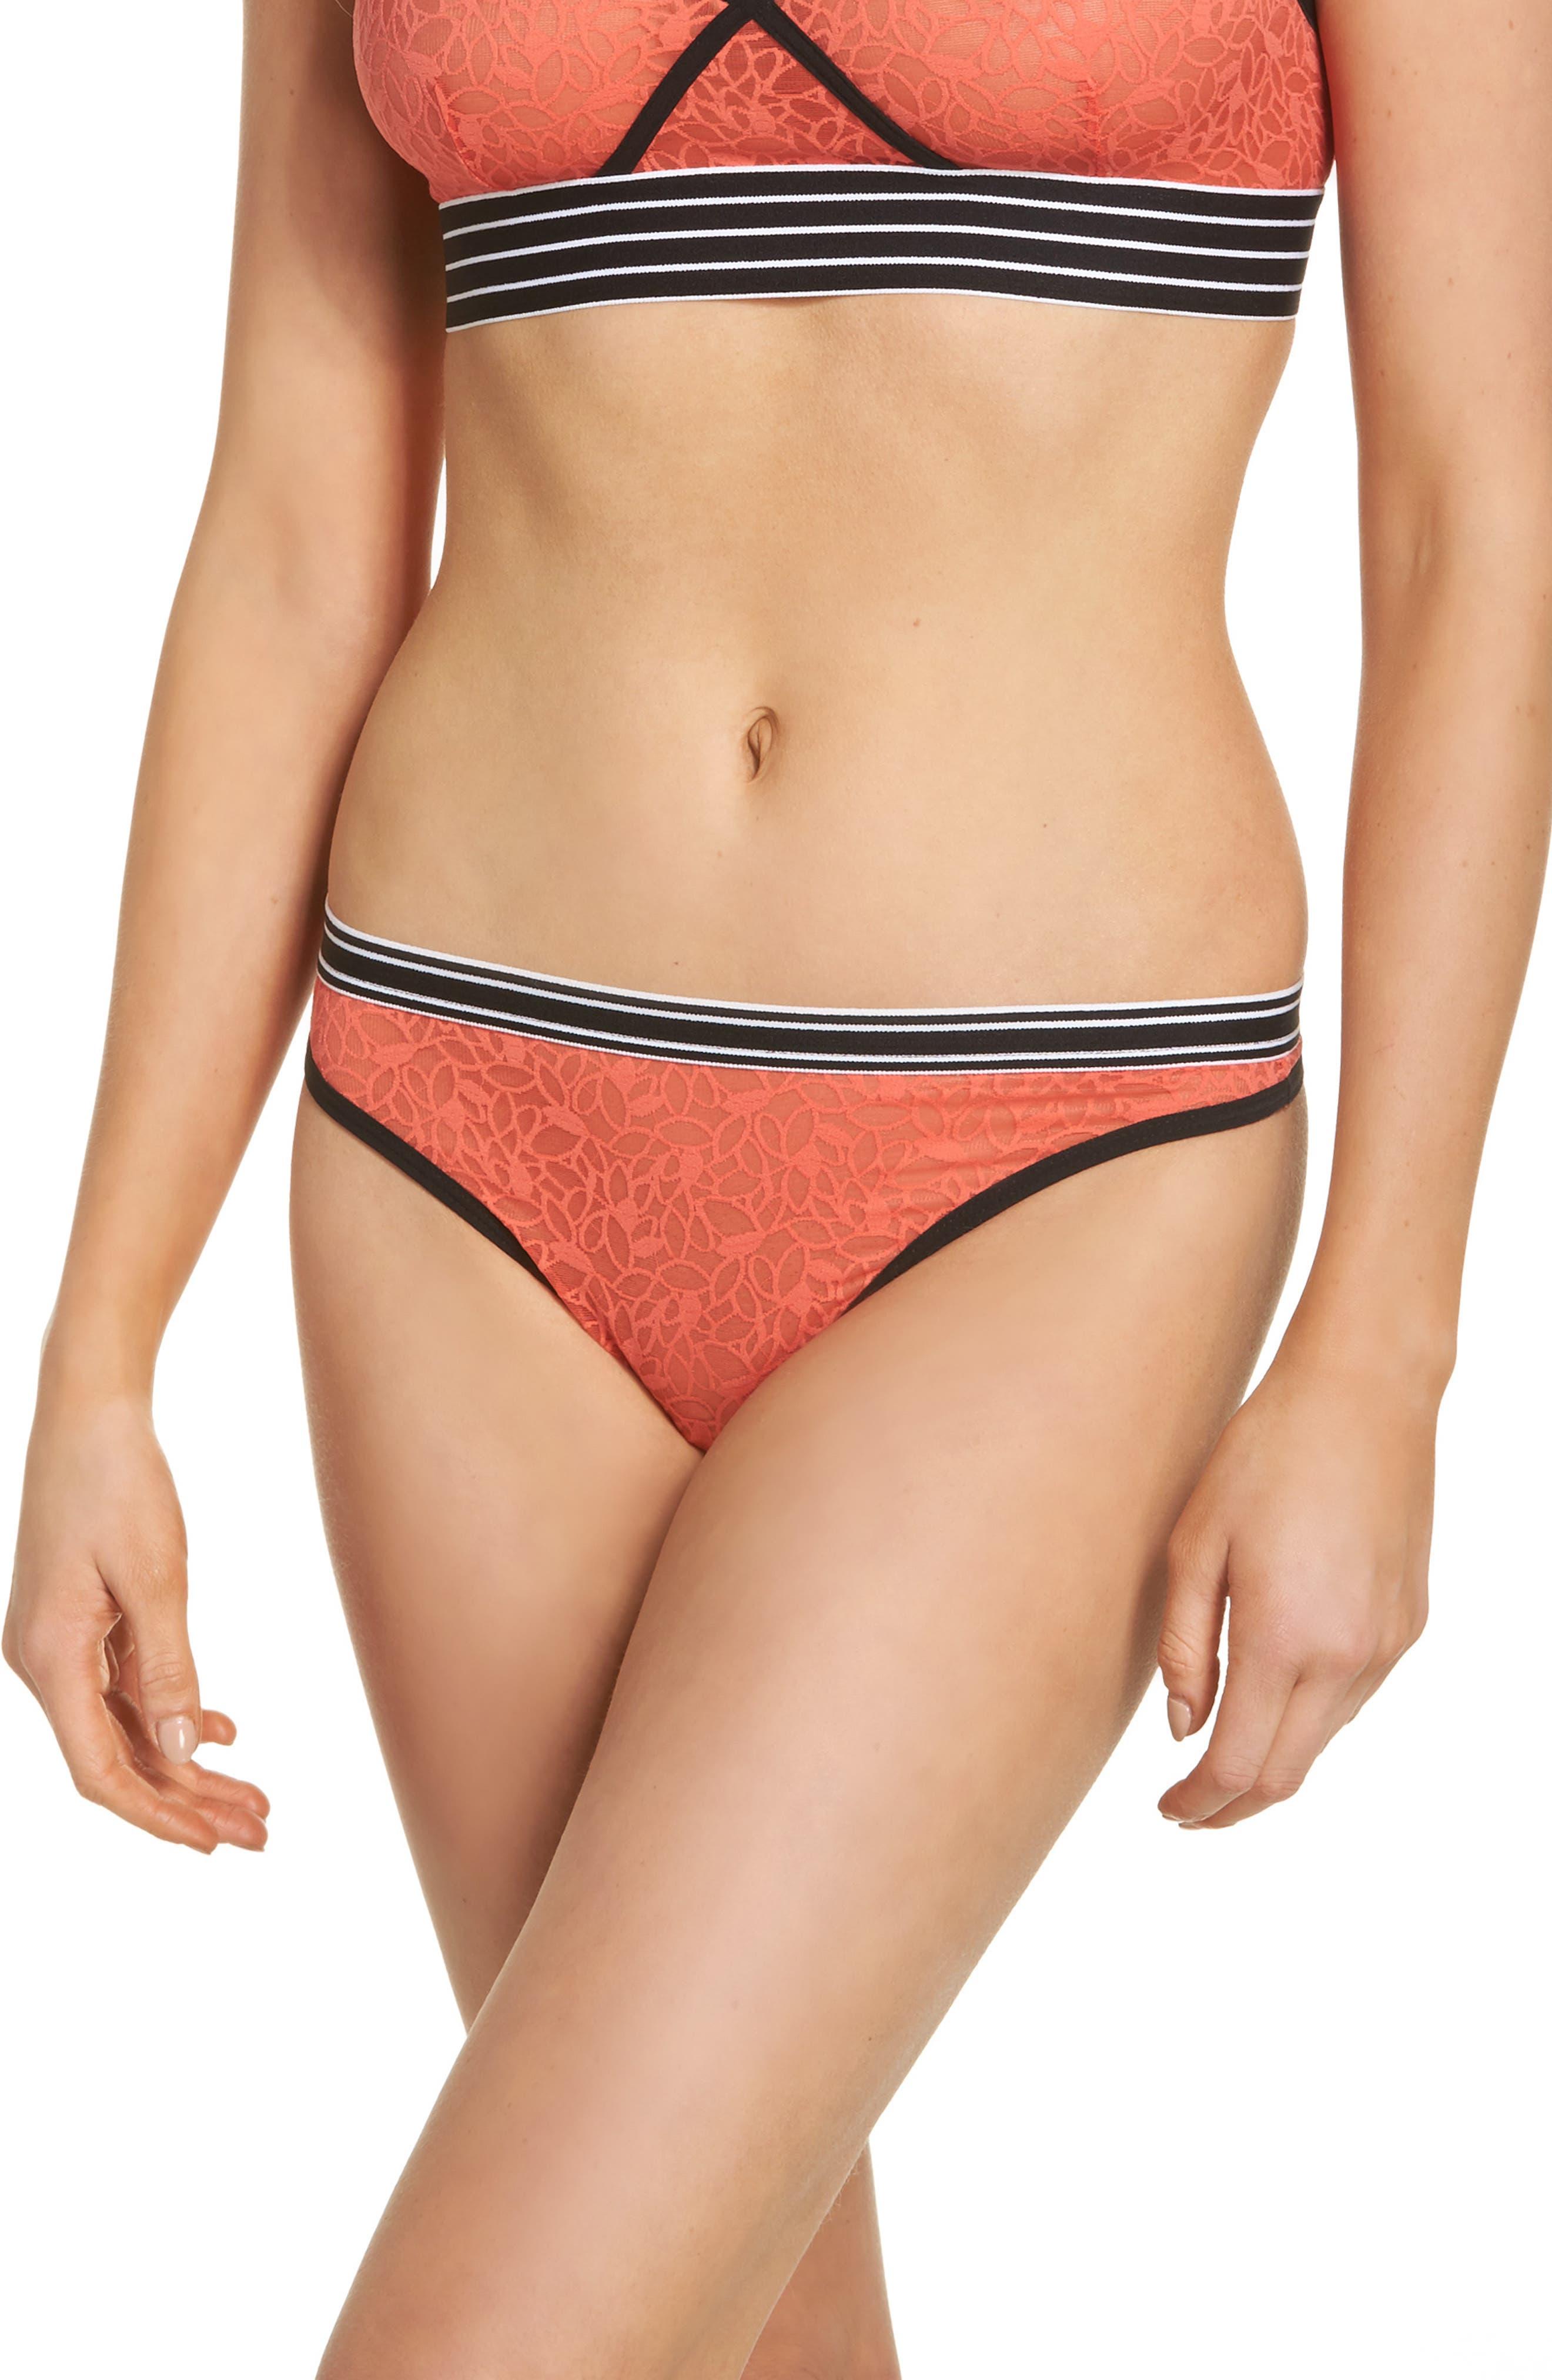 Lori Lace Thong,                         Main,                         color, Coral Hot